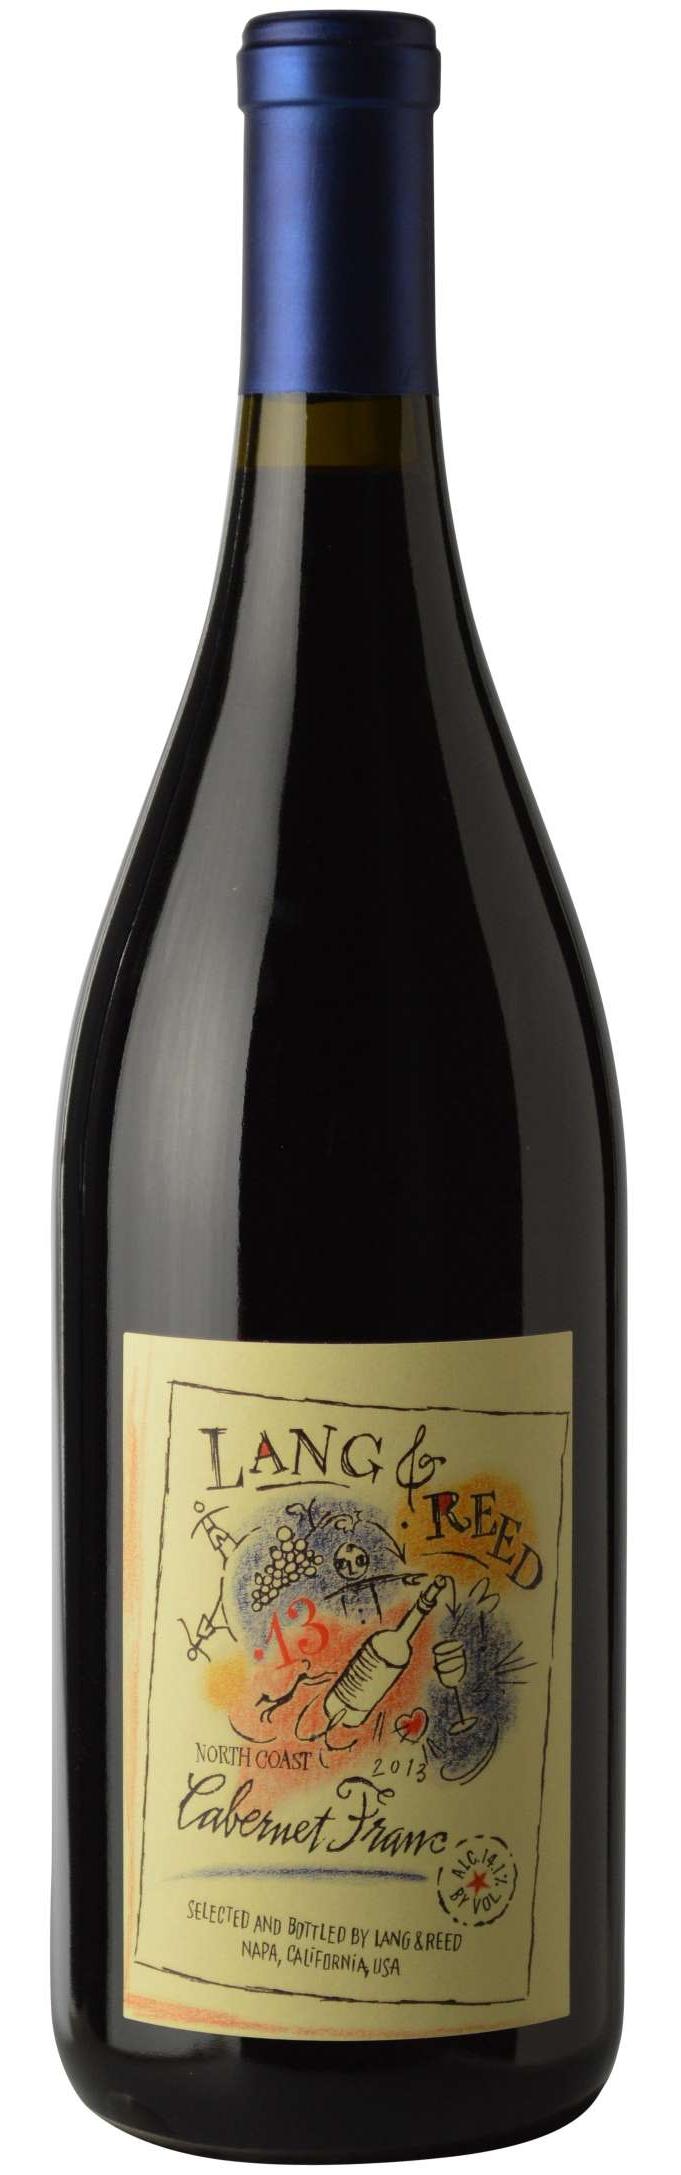 Lang & Reed bottle.jpg